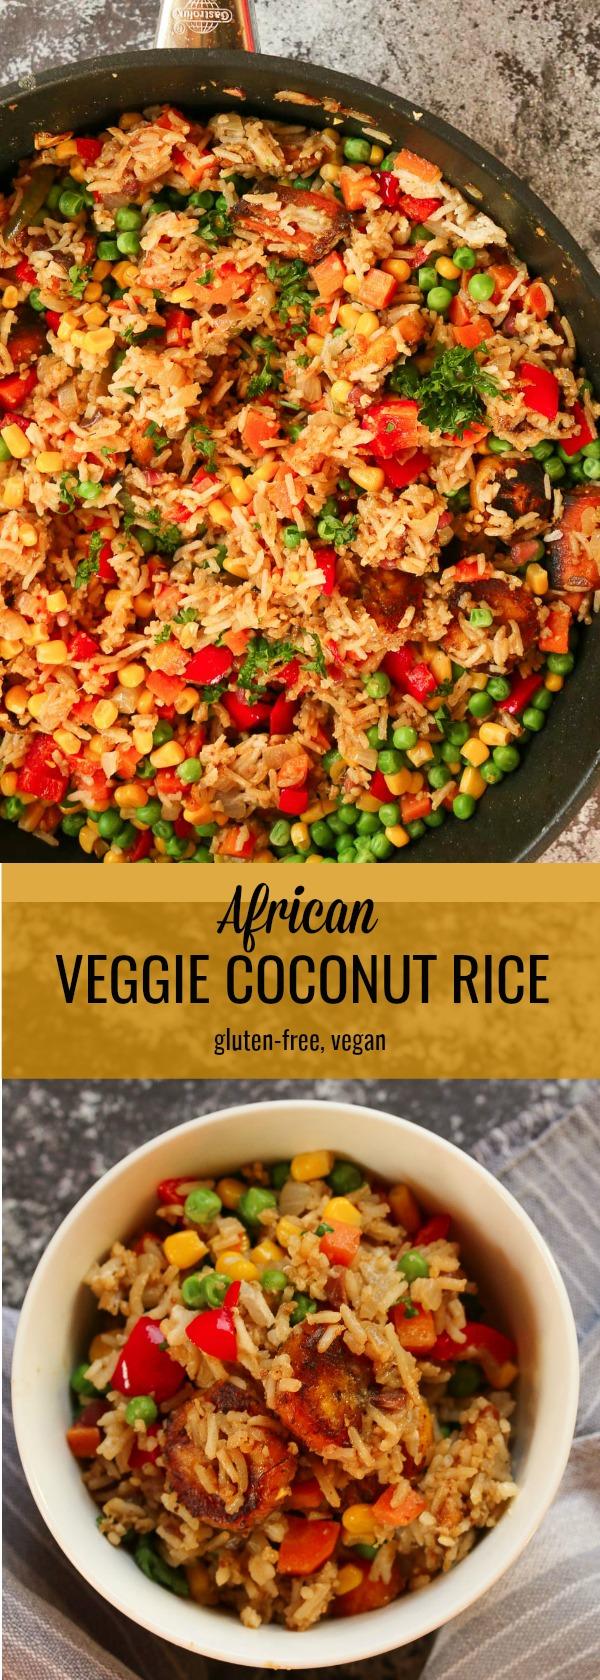 african-veggie-coconut-rice-wali-wa-nazi